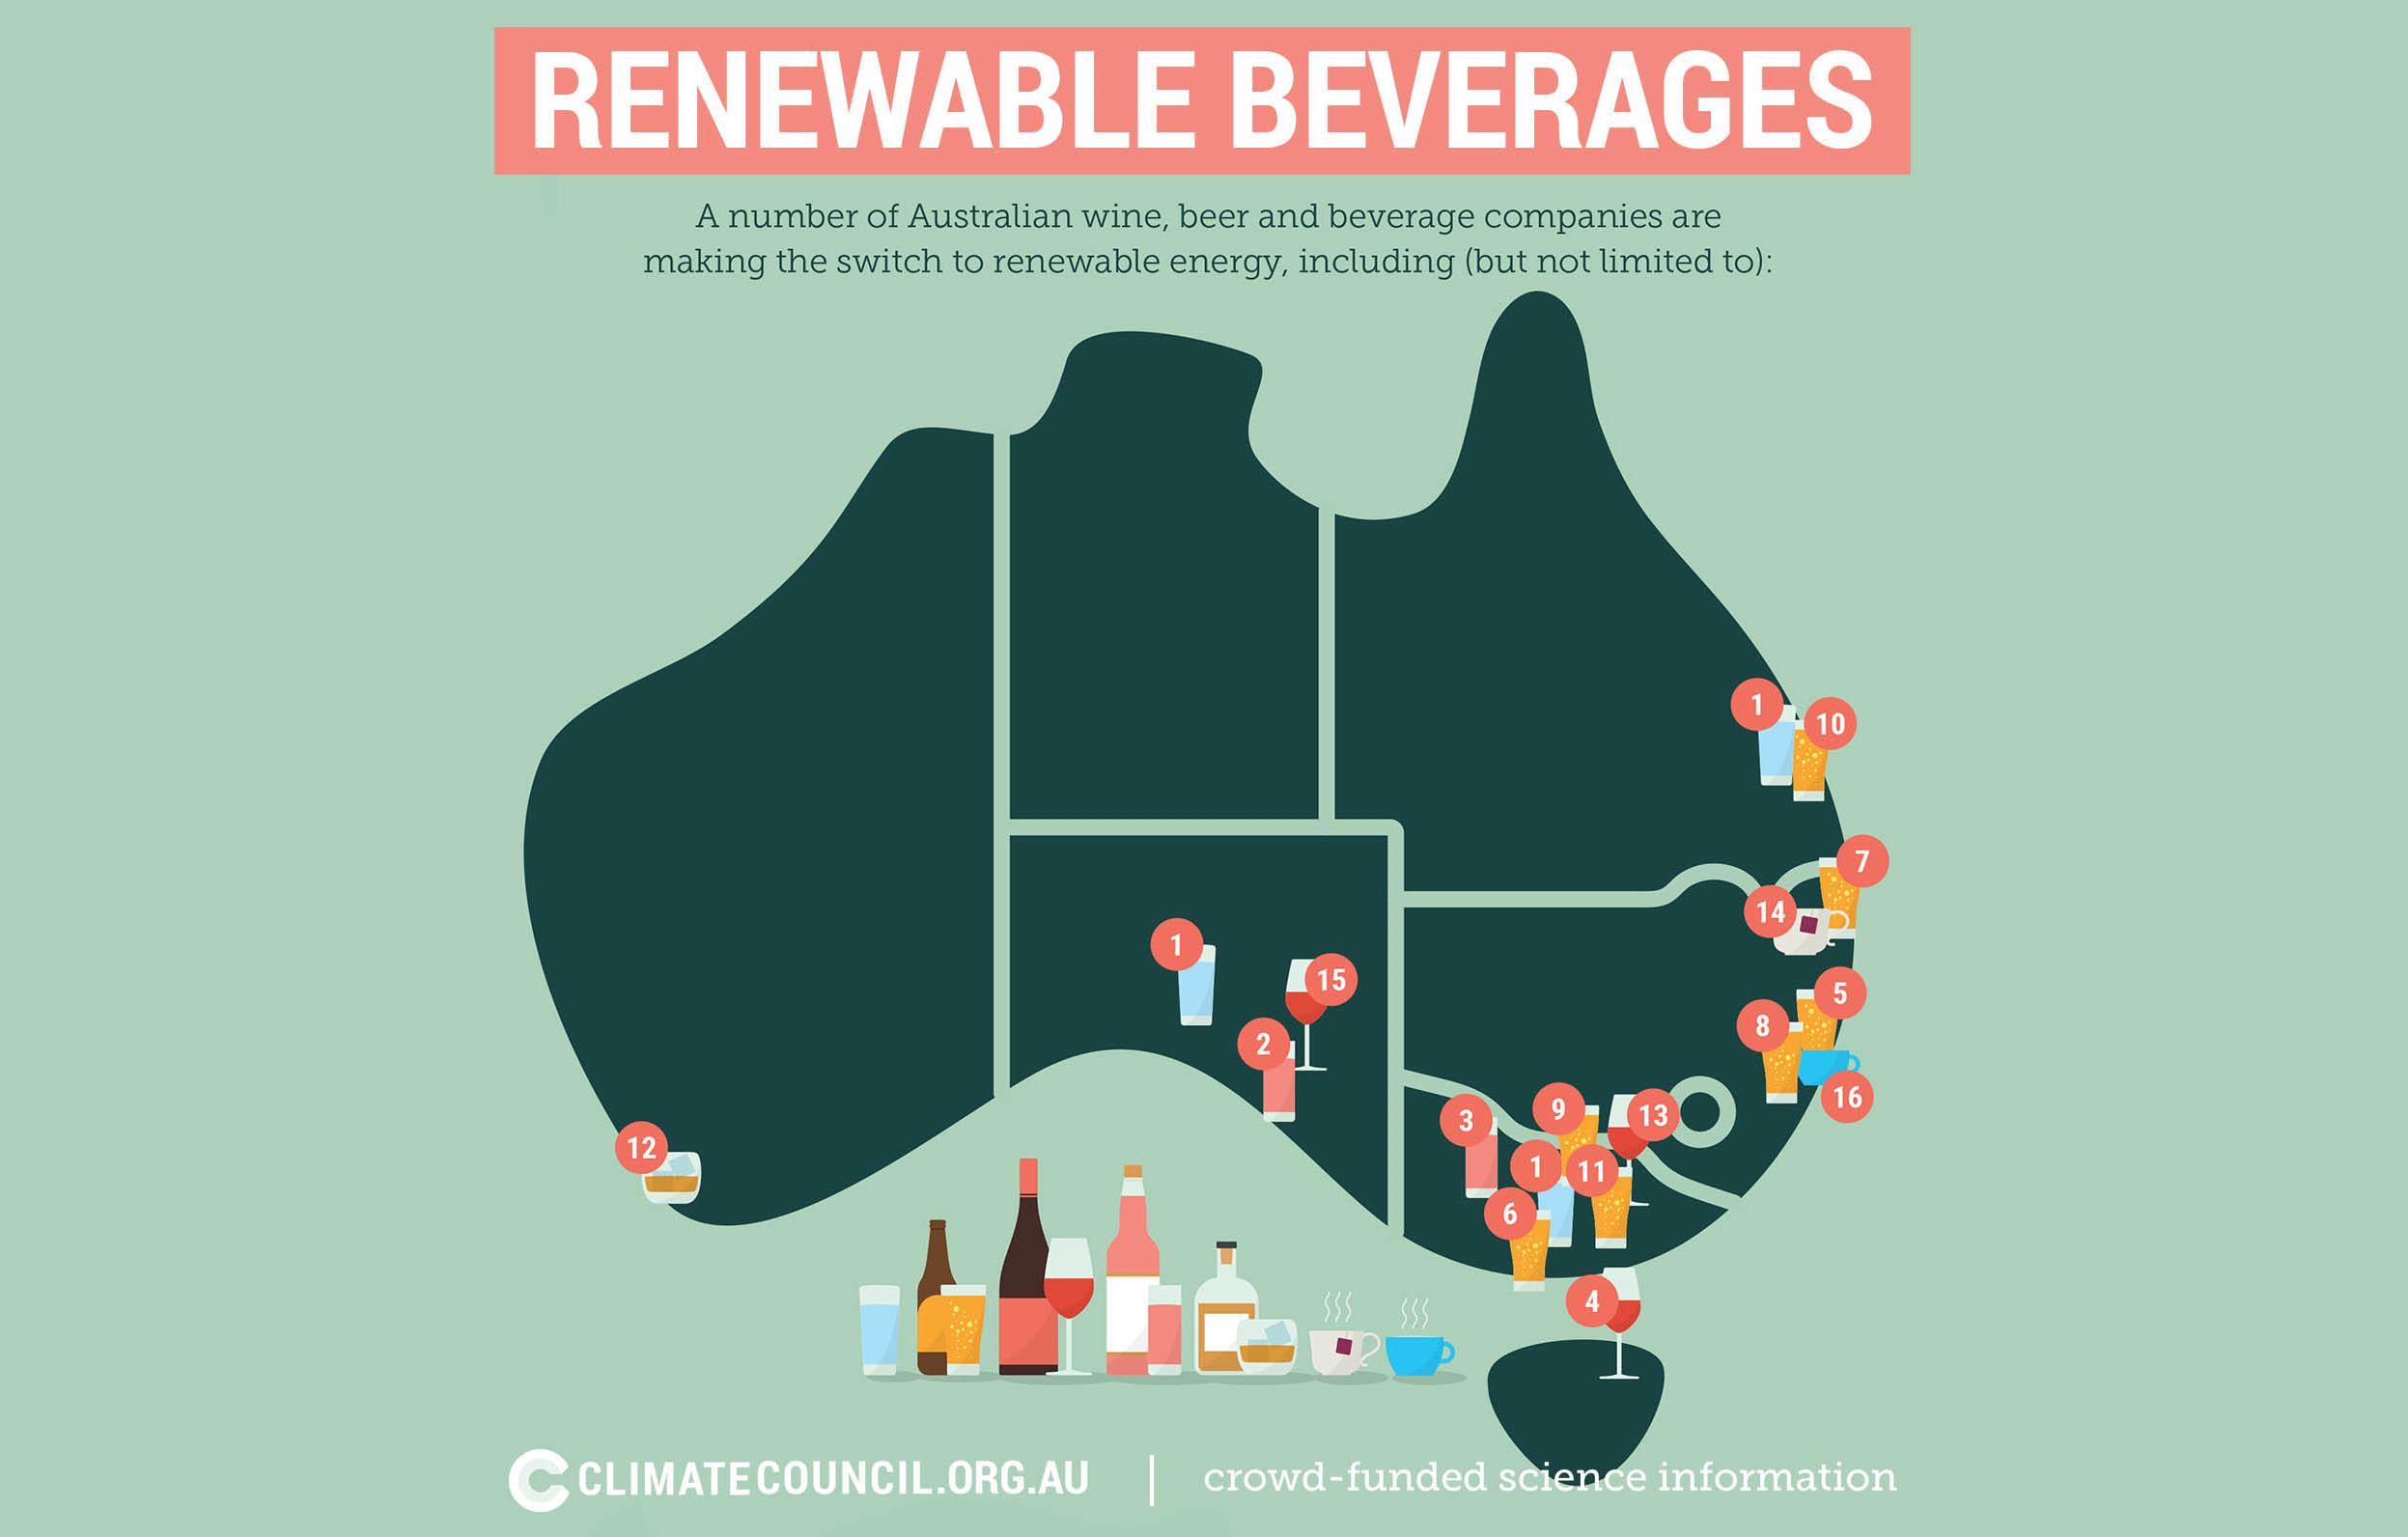 Australian Beverage Companies embrace Renewables - Melbourne